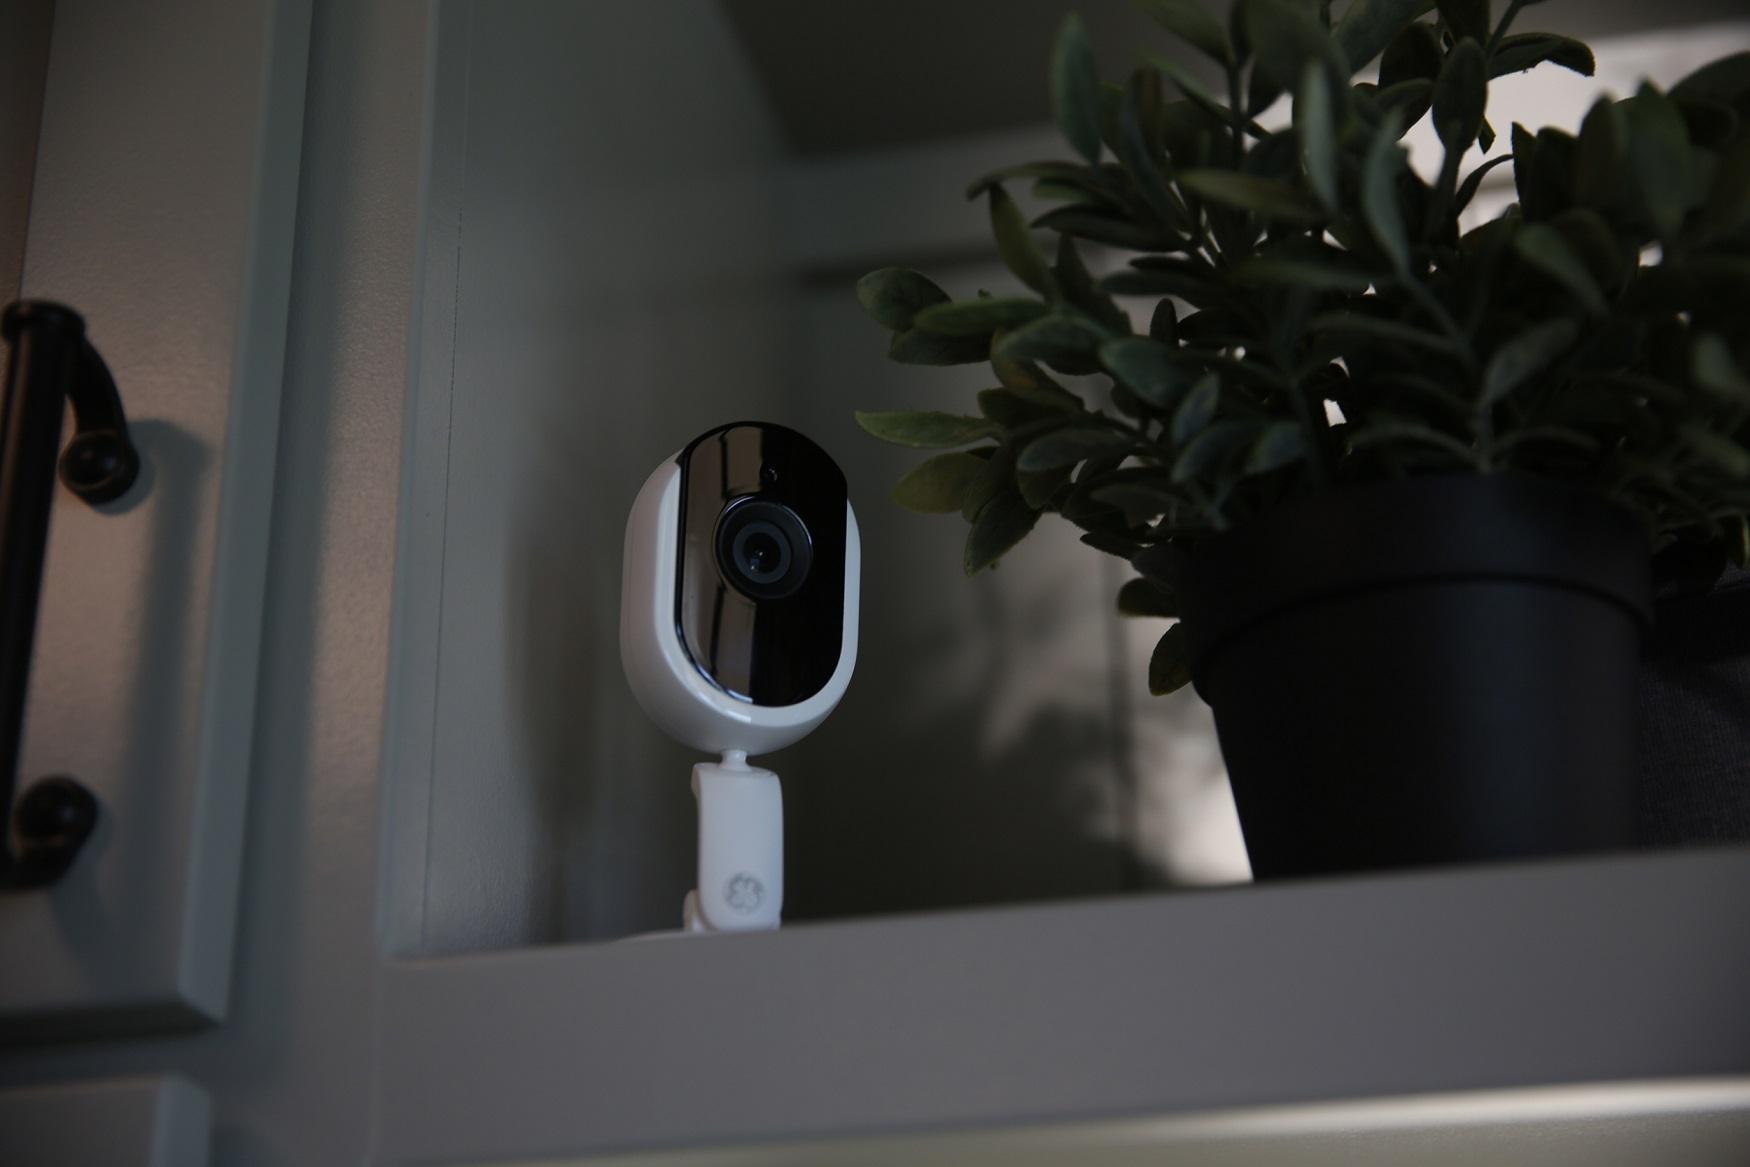 C by GE zmienia nazwę i prezentuje nowe produkty Smart Home